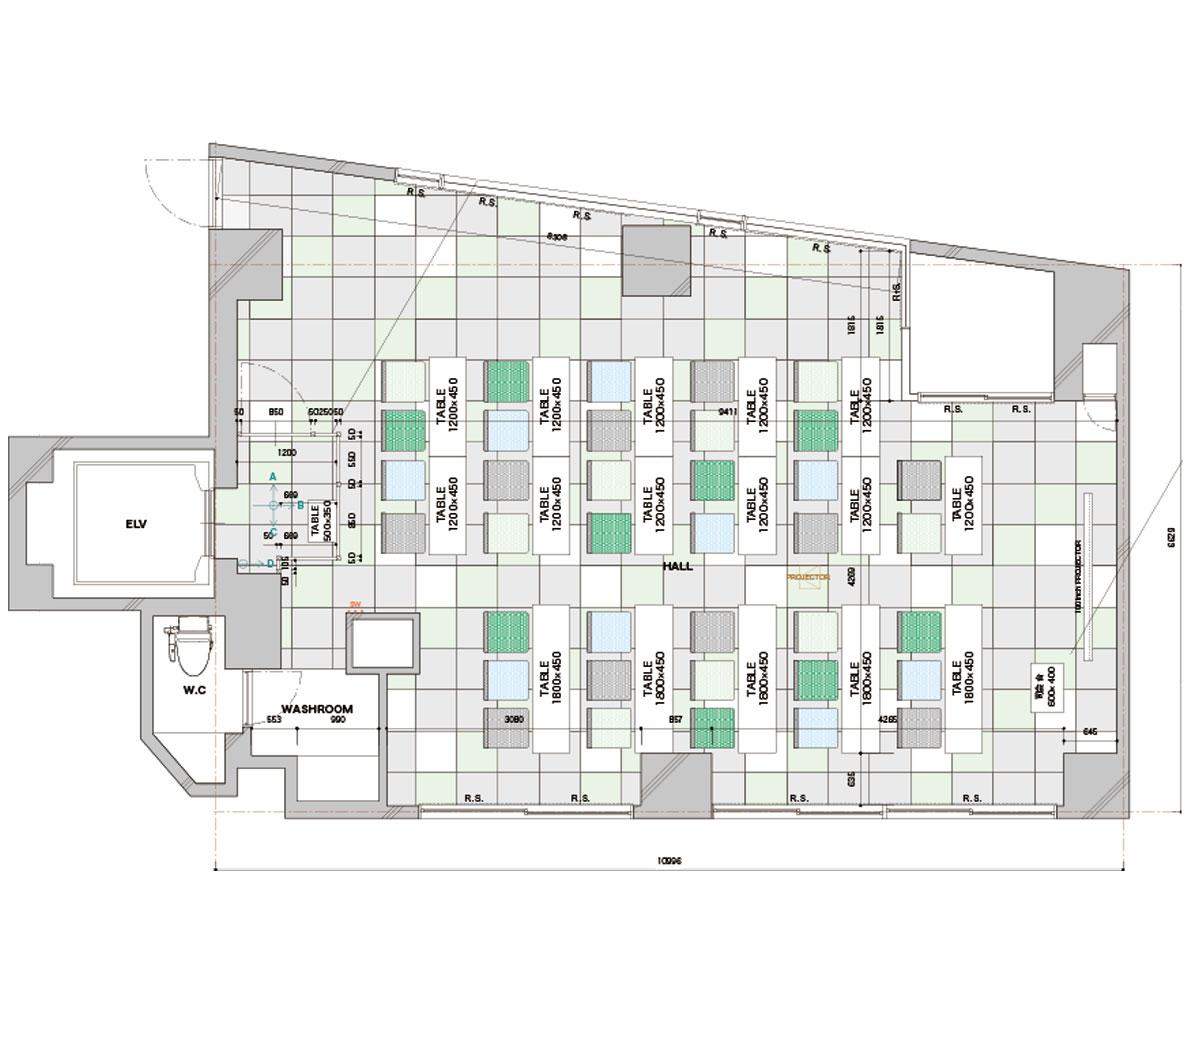 みんなの会議室 代々木6F (ID:10015) 図面|TIME SHARING|タイムシェアリング |スペースマネジメント|あどばる|adval